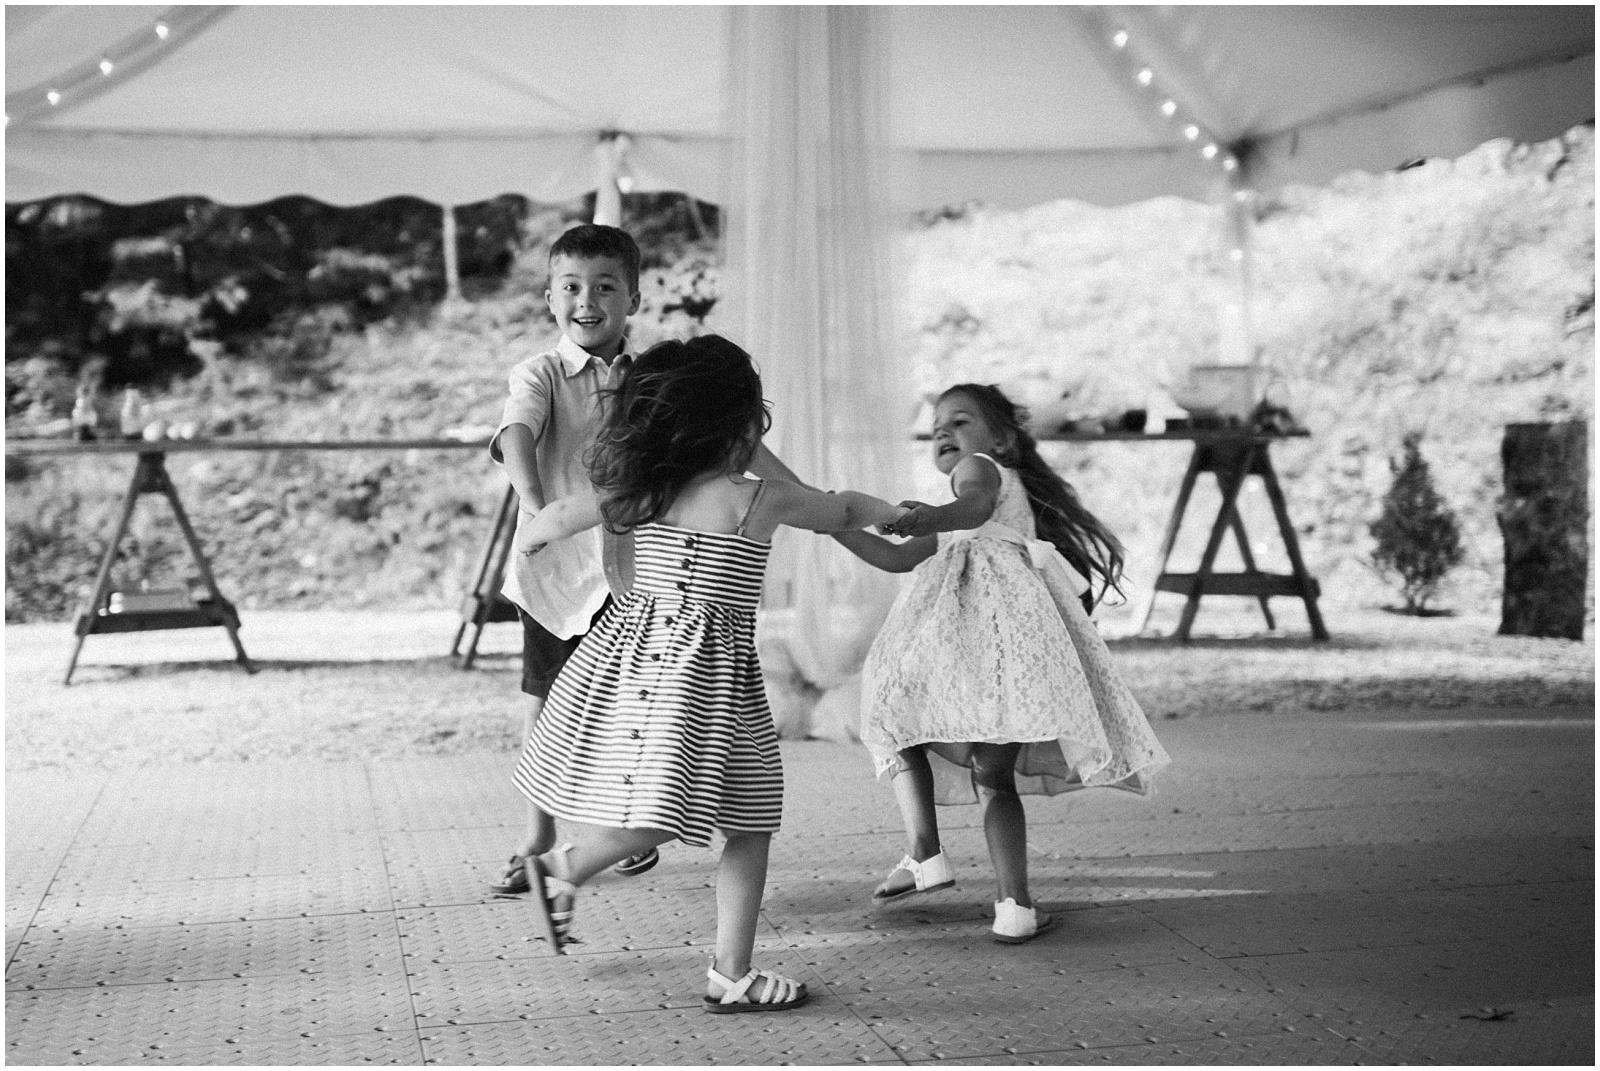 B&W kids dancing